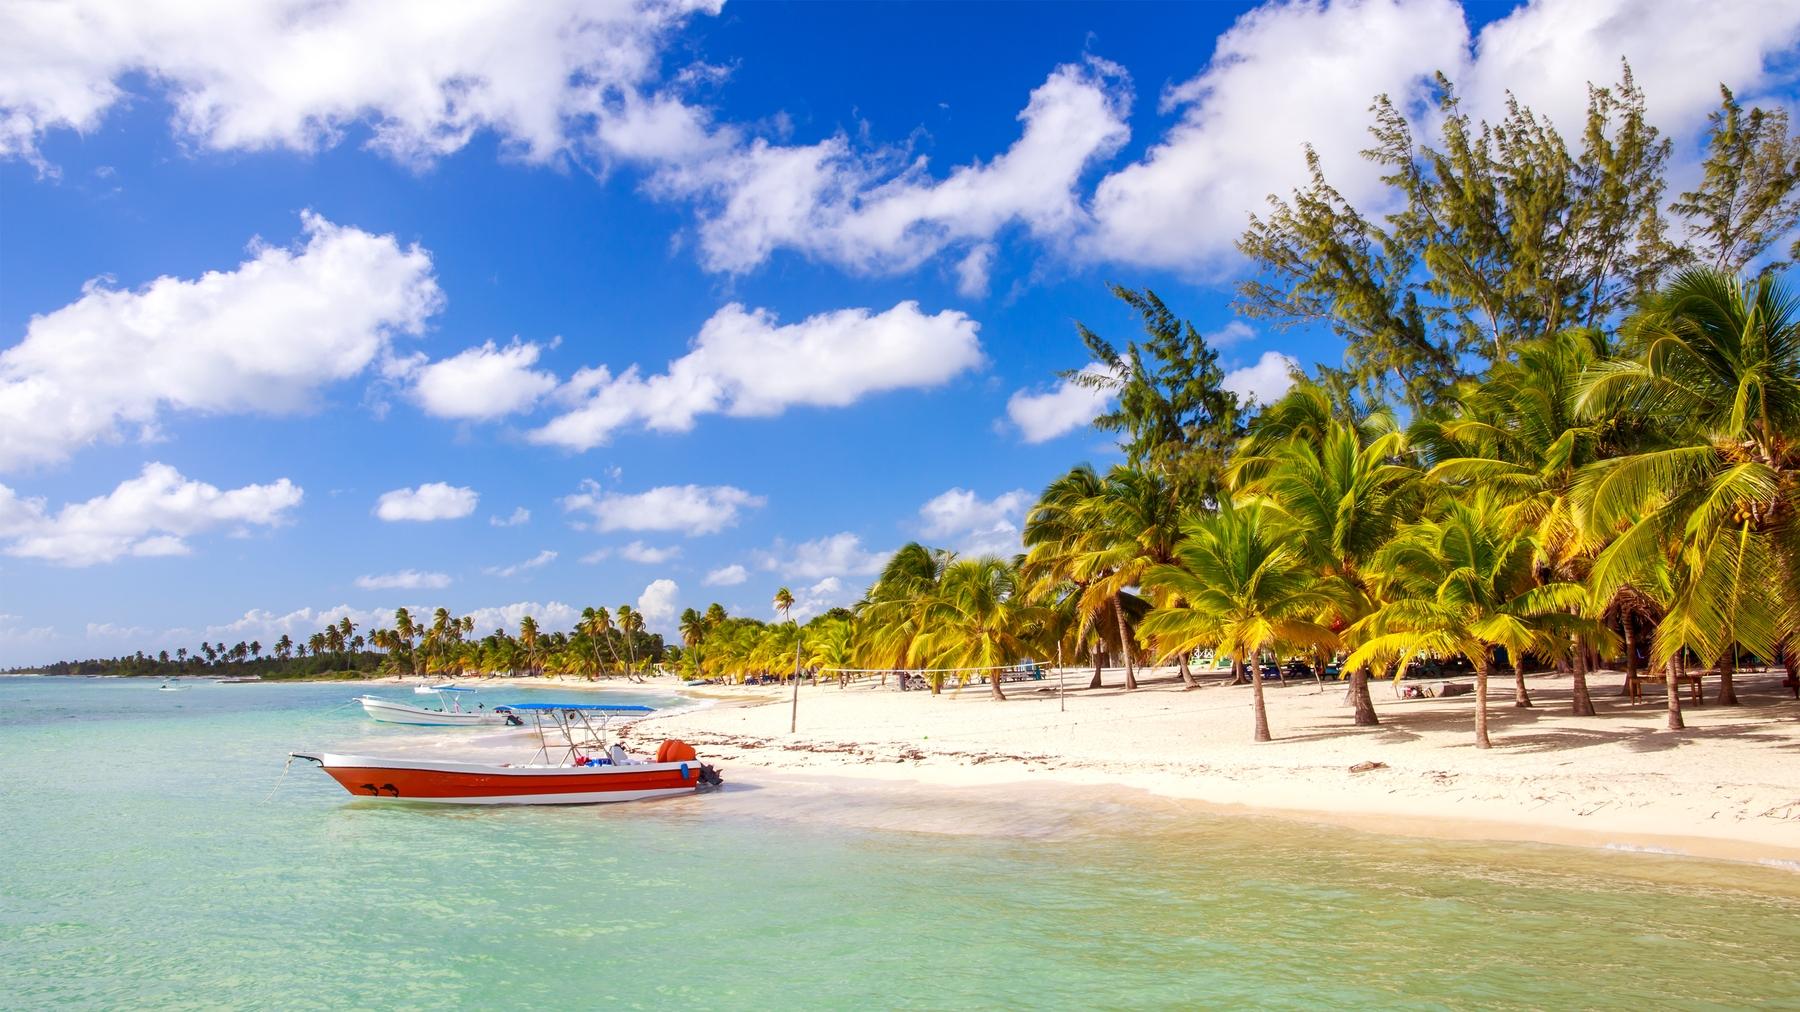 Пляжный отдых в январе. Доминиканская Республика уже открыта